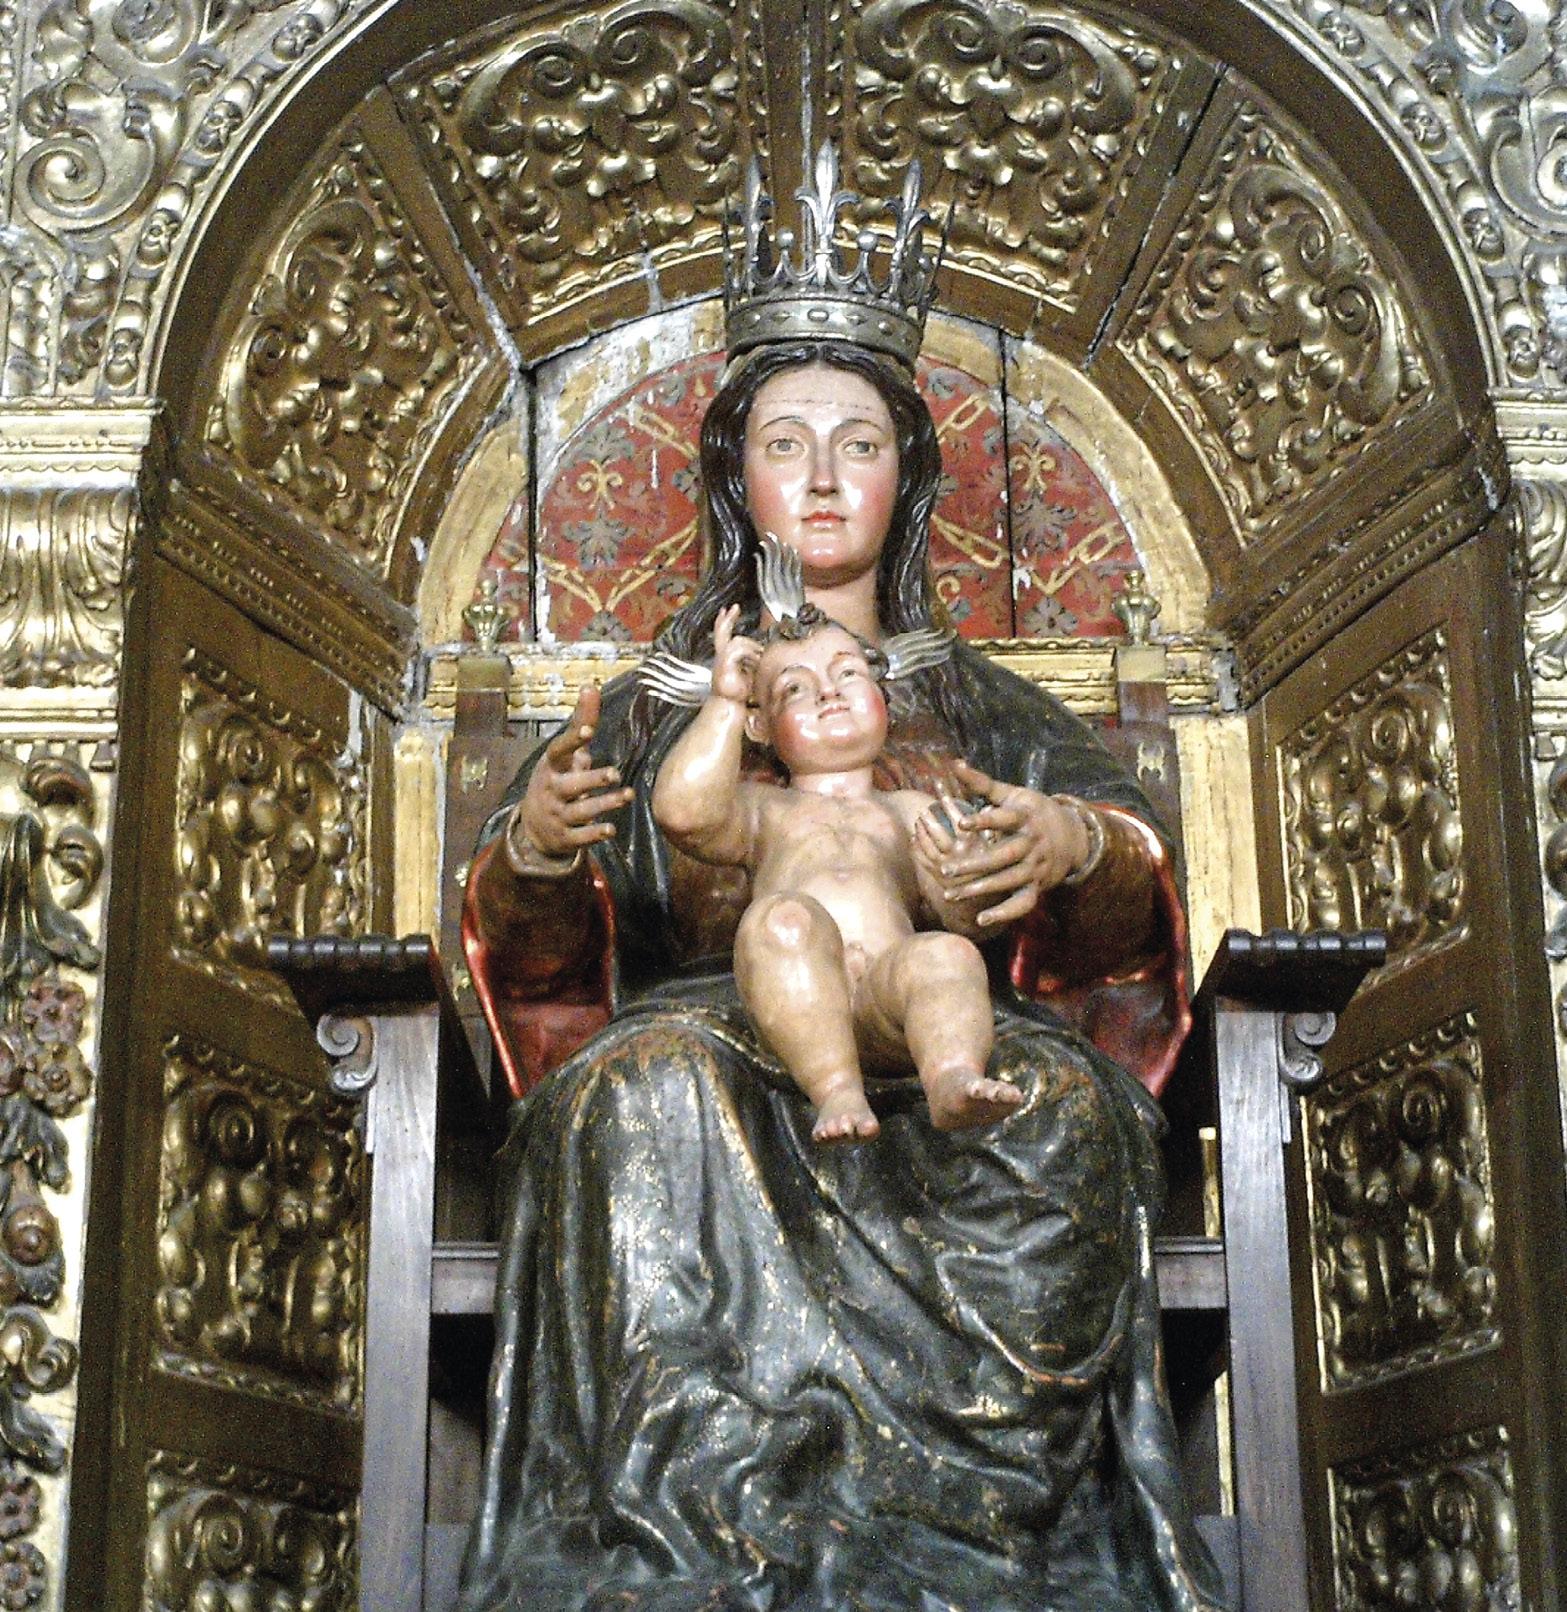 Virgem da Victoria à qual os sobreviventes da viagem foram rezar à chegada. Antes de partir, pelo menos Magalhães, também a visitou. Encontra-se na Igreja de Santa Ana, em Sevilha. A igreja onde se encontrava, no sec. XVI, já não existe. Foto de CarlosVdeHabsburgo |Wikimedia Commons.